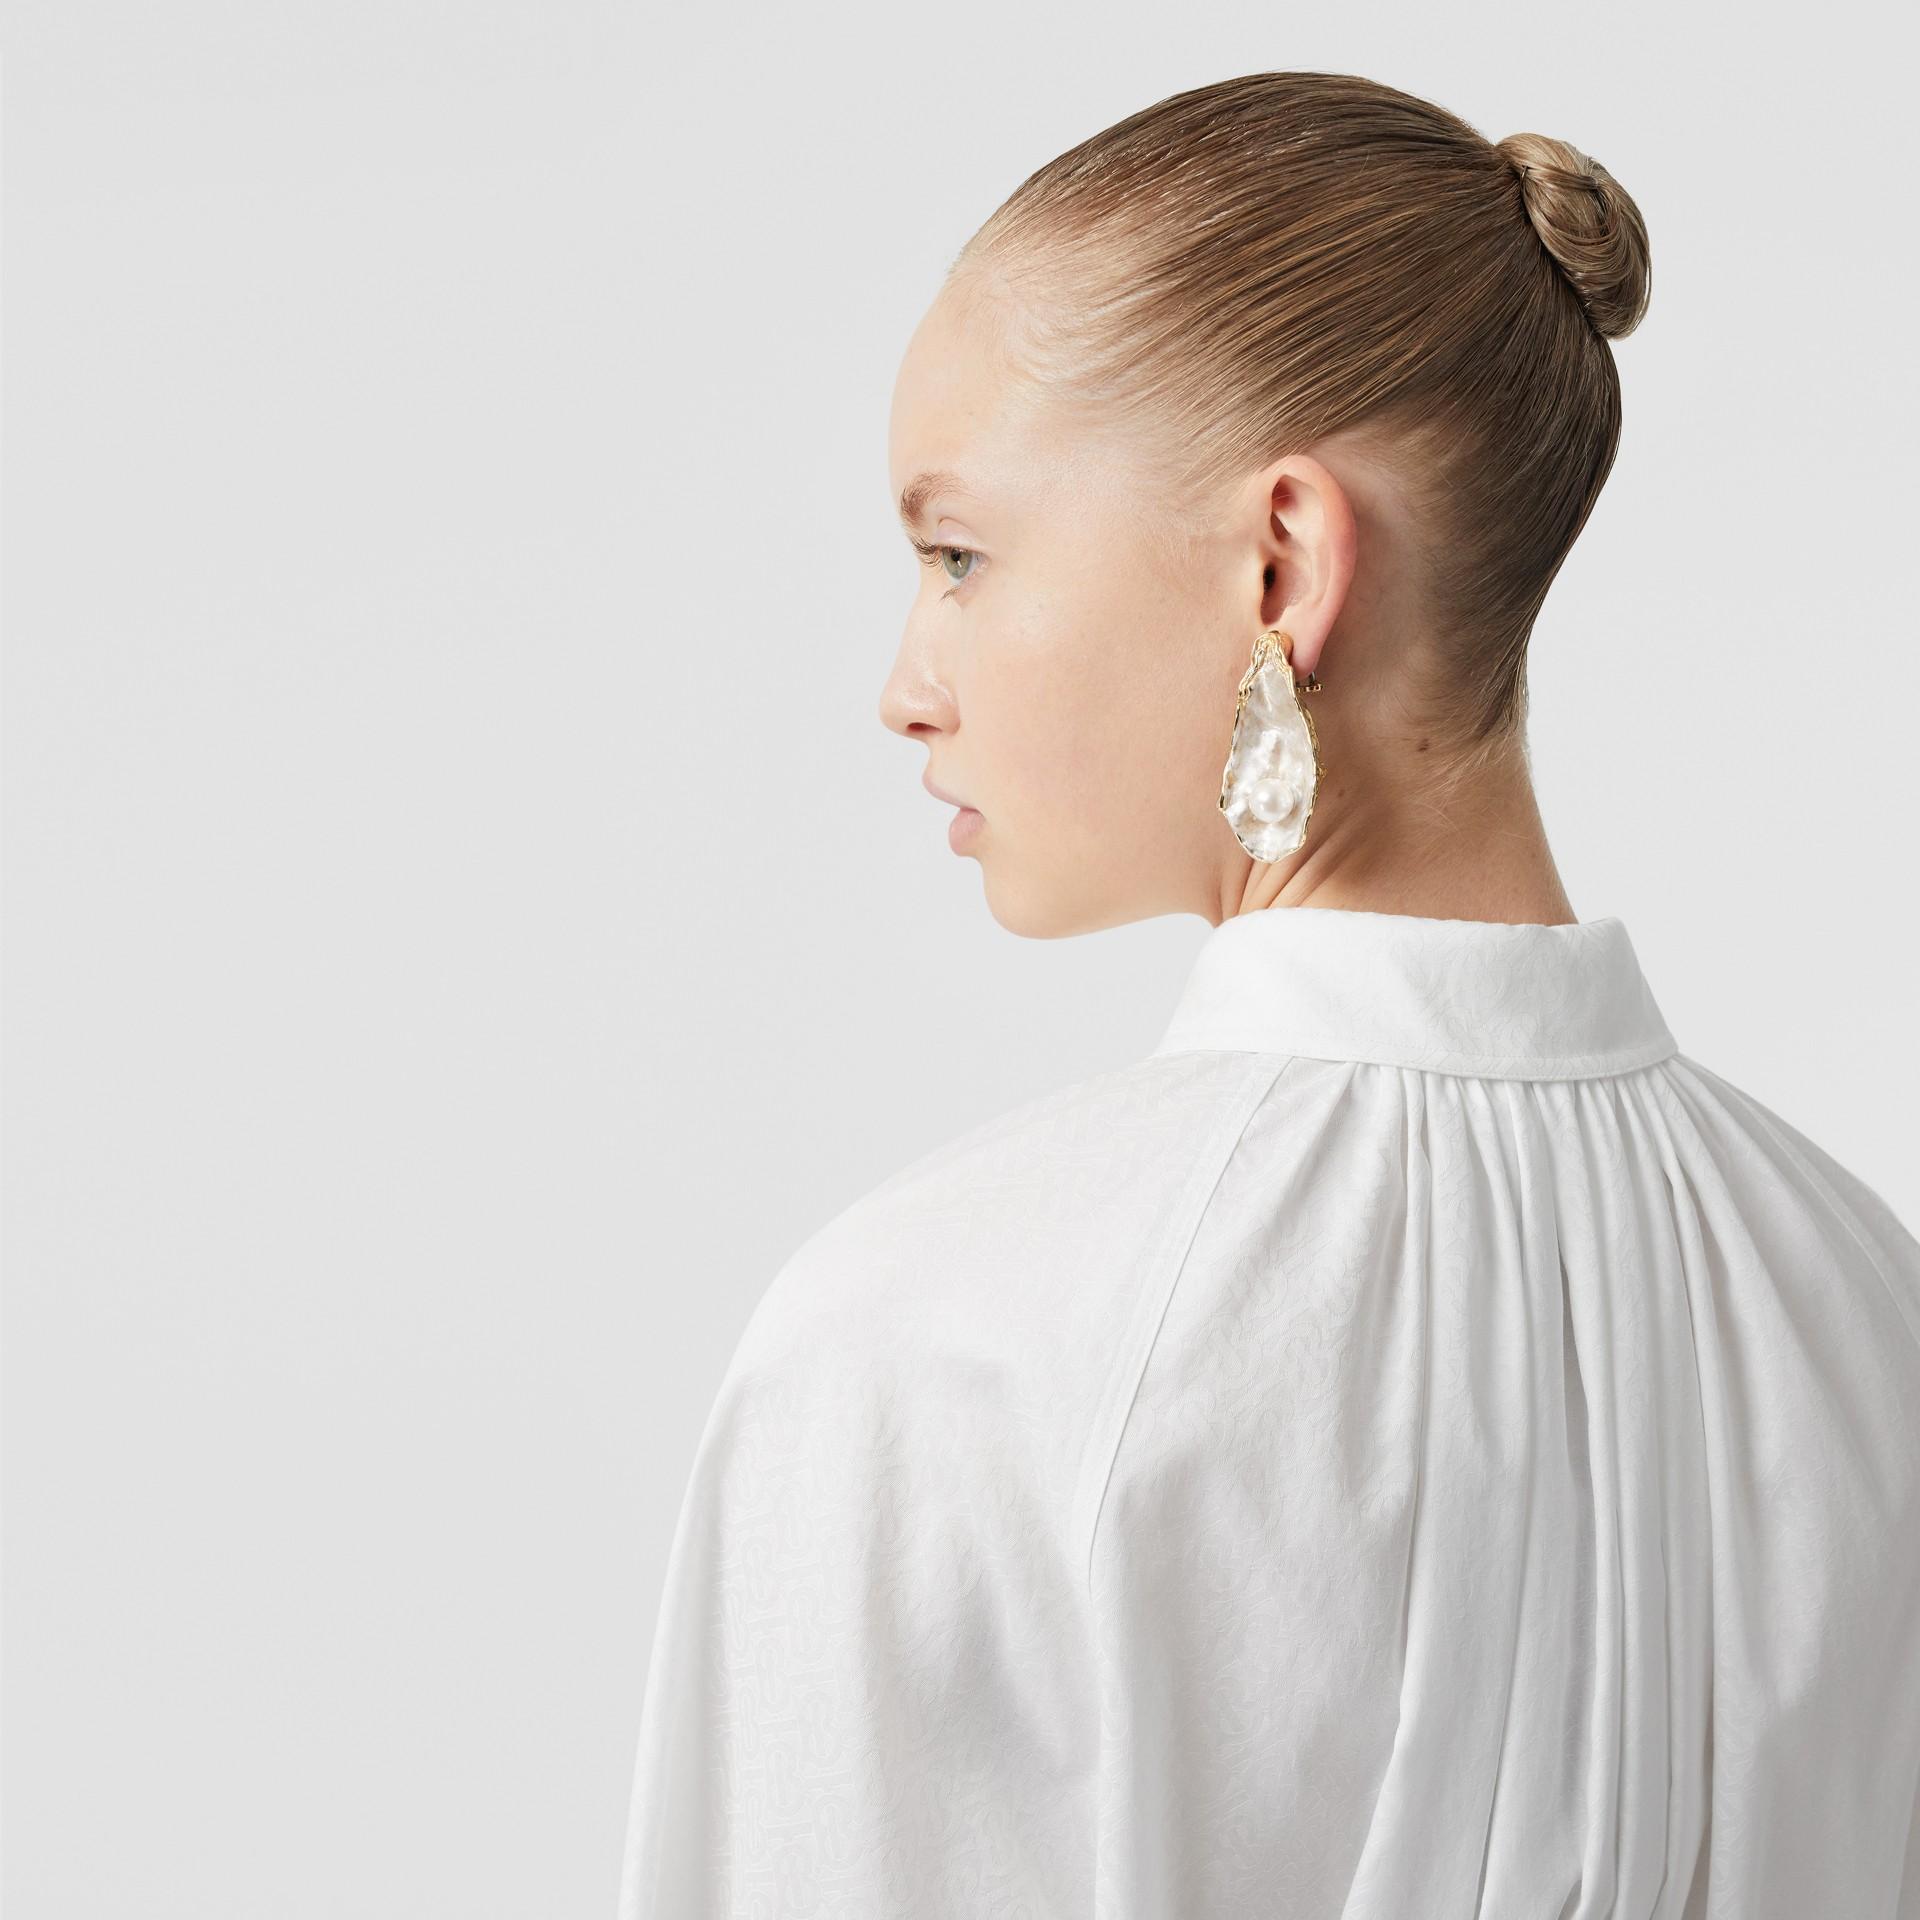 モノグラムコットン ジャカード オーバーサイズシャツ (オプティックホワイト) - ウィメンズ | バーバリー - ギャラリーイメージ 4